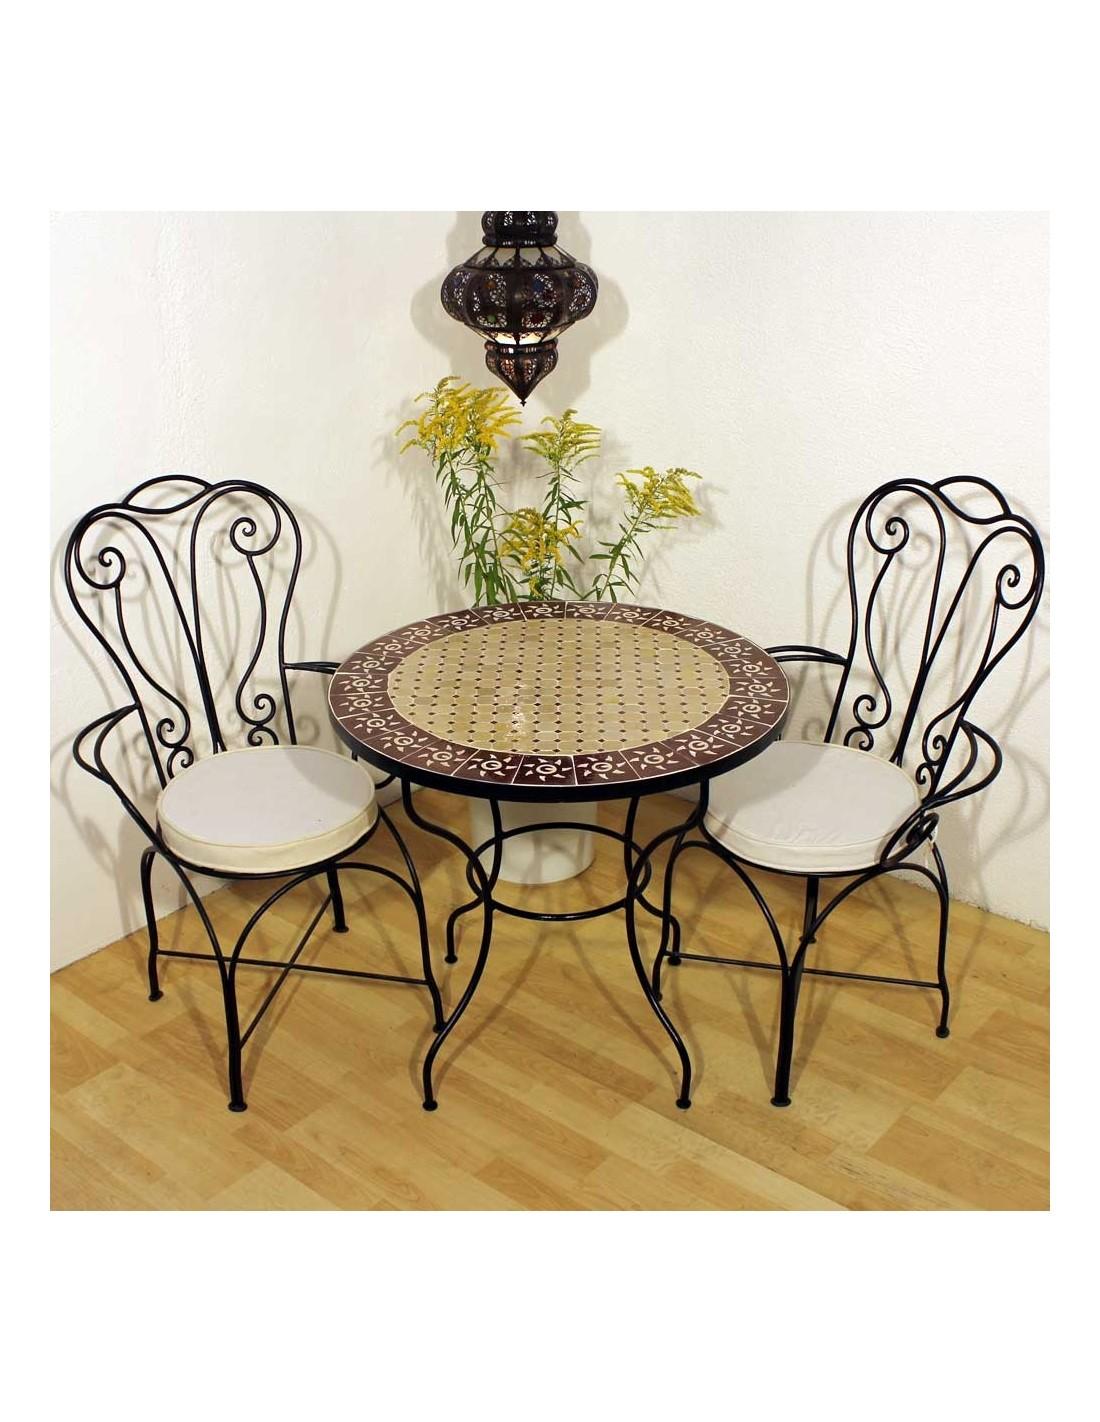 mosaiktisch sumil 80cm rund marke albena marokko galerie. Black Bedroom Furniture Sets. Home Design Ideas